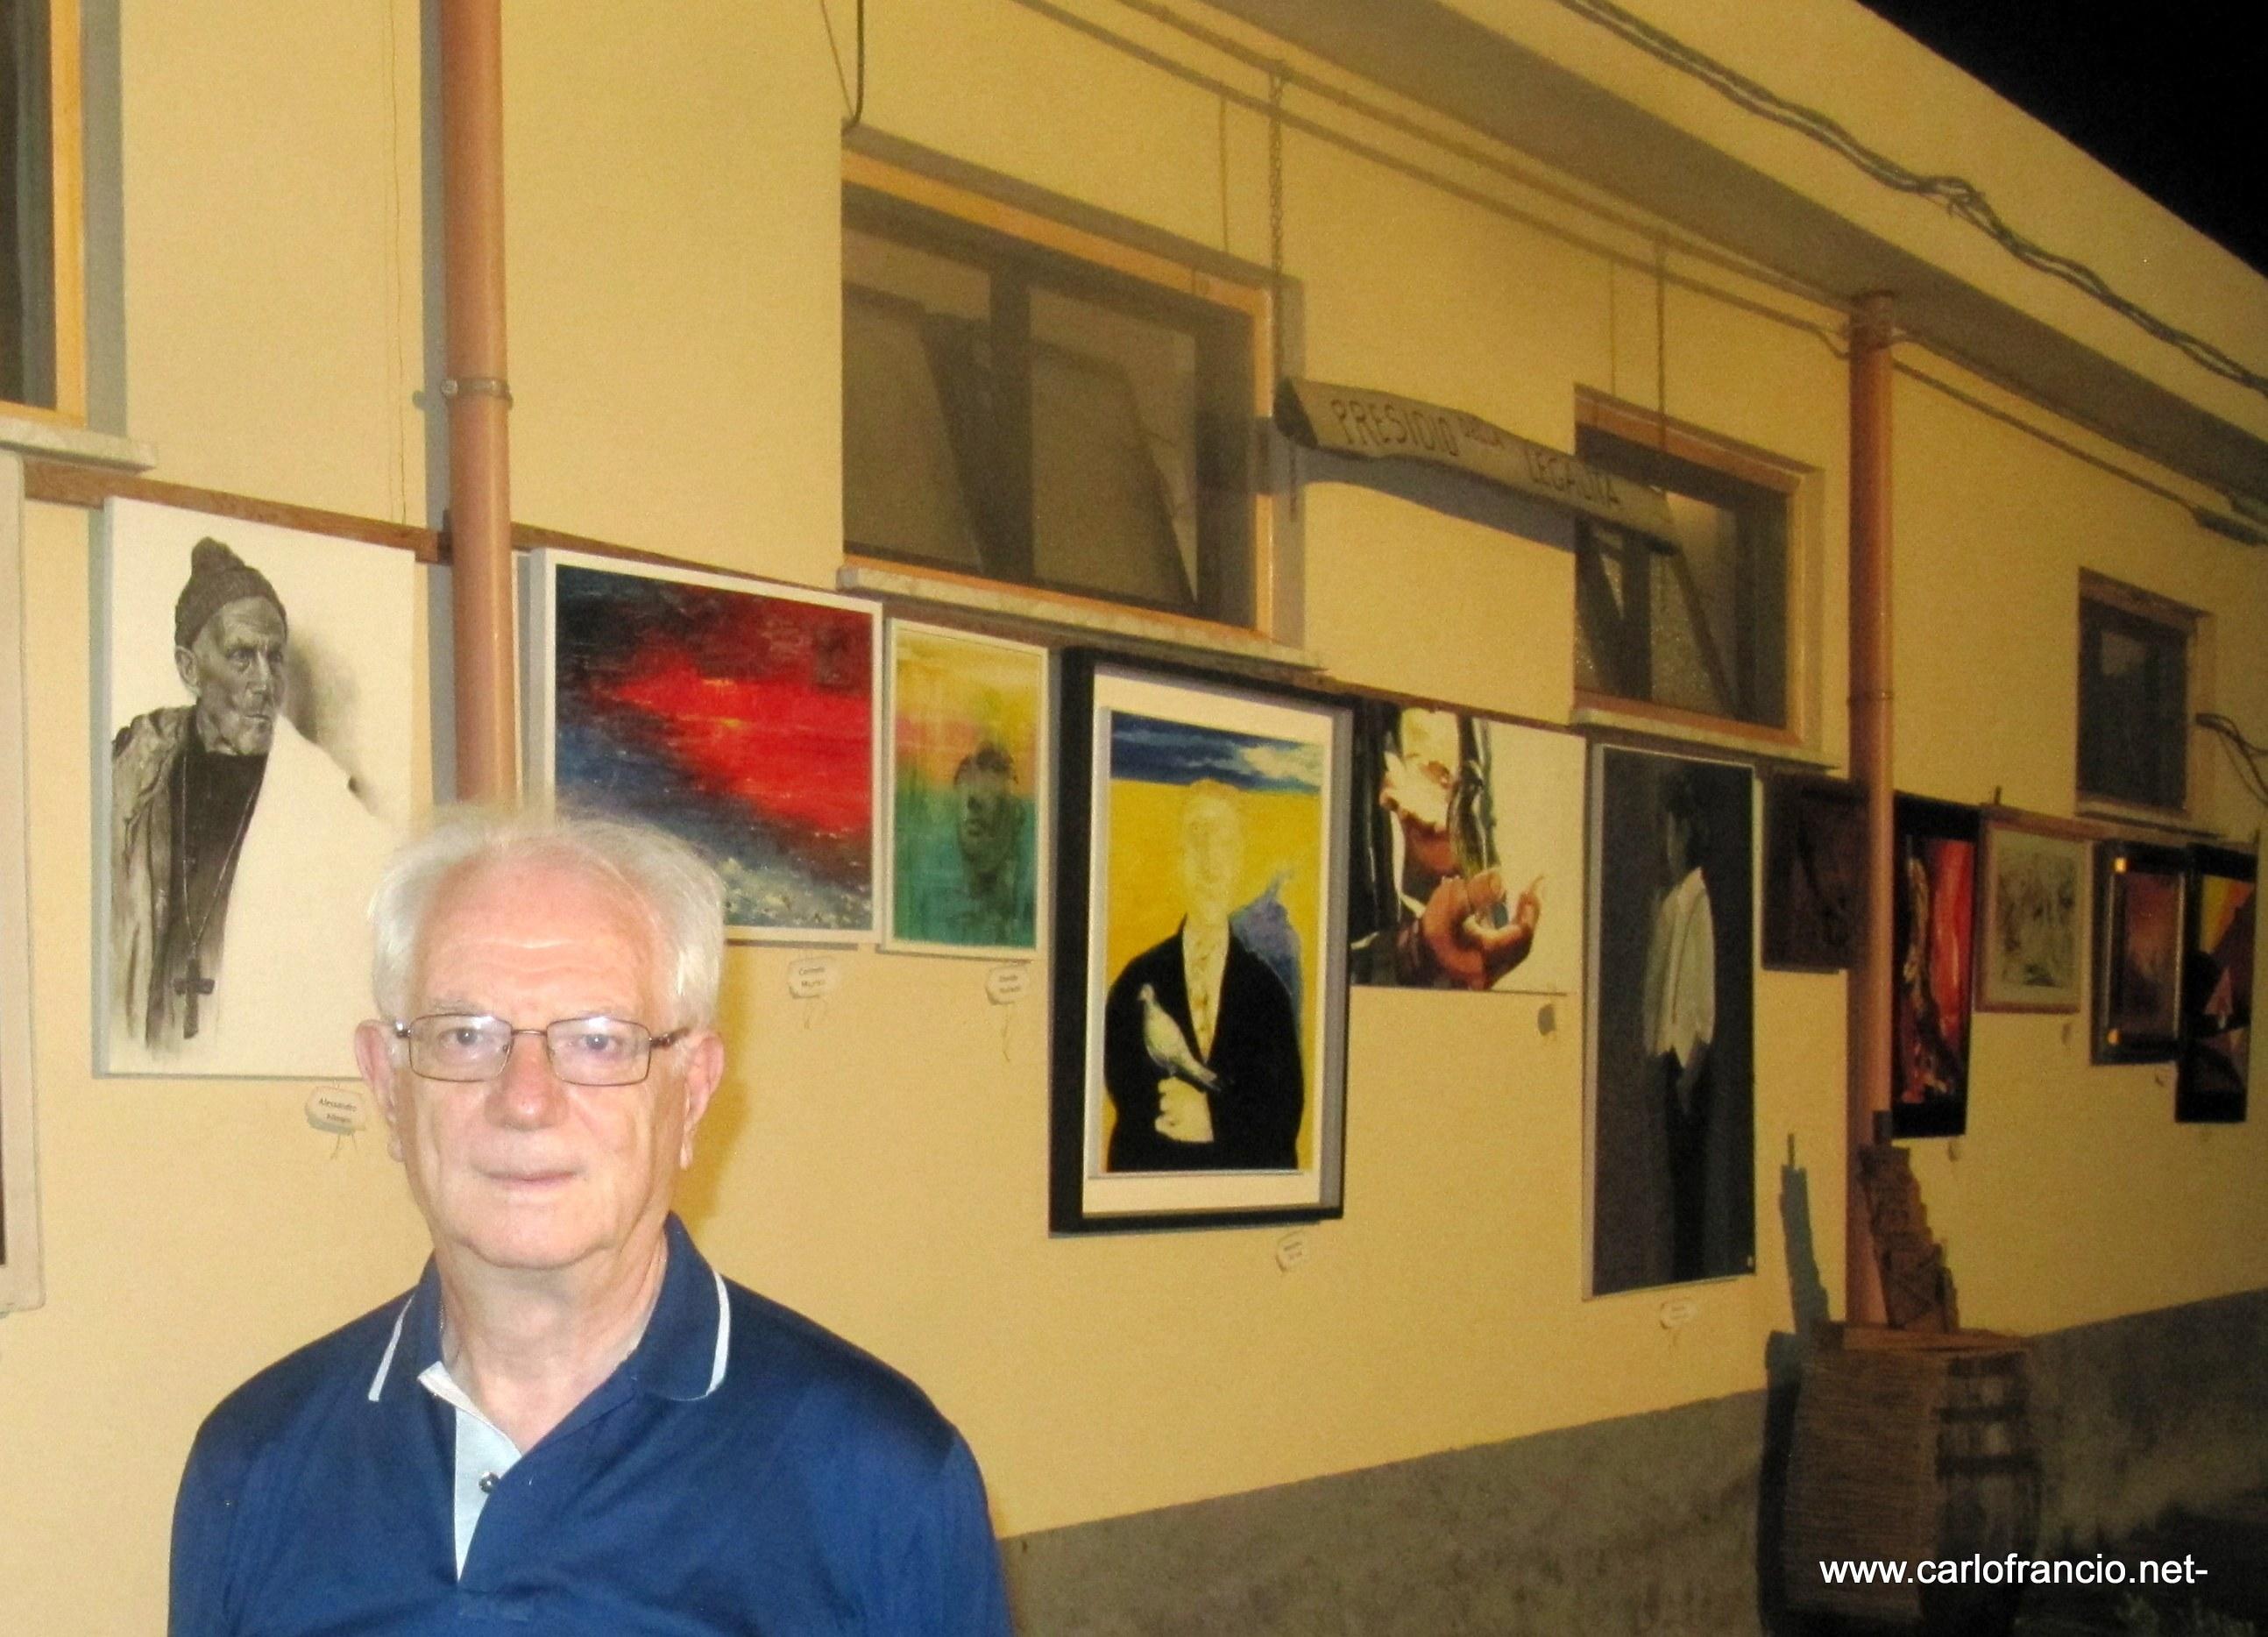 Ponti-Pialesi - 21a Edizione Cena dei Rioni 2018- Arte e Legalità... Sotto Le Stelle! - Carlo Franciò il nostro immancabile amico messinese